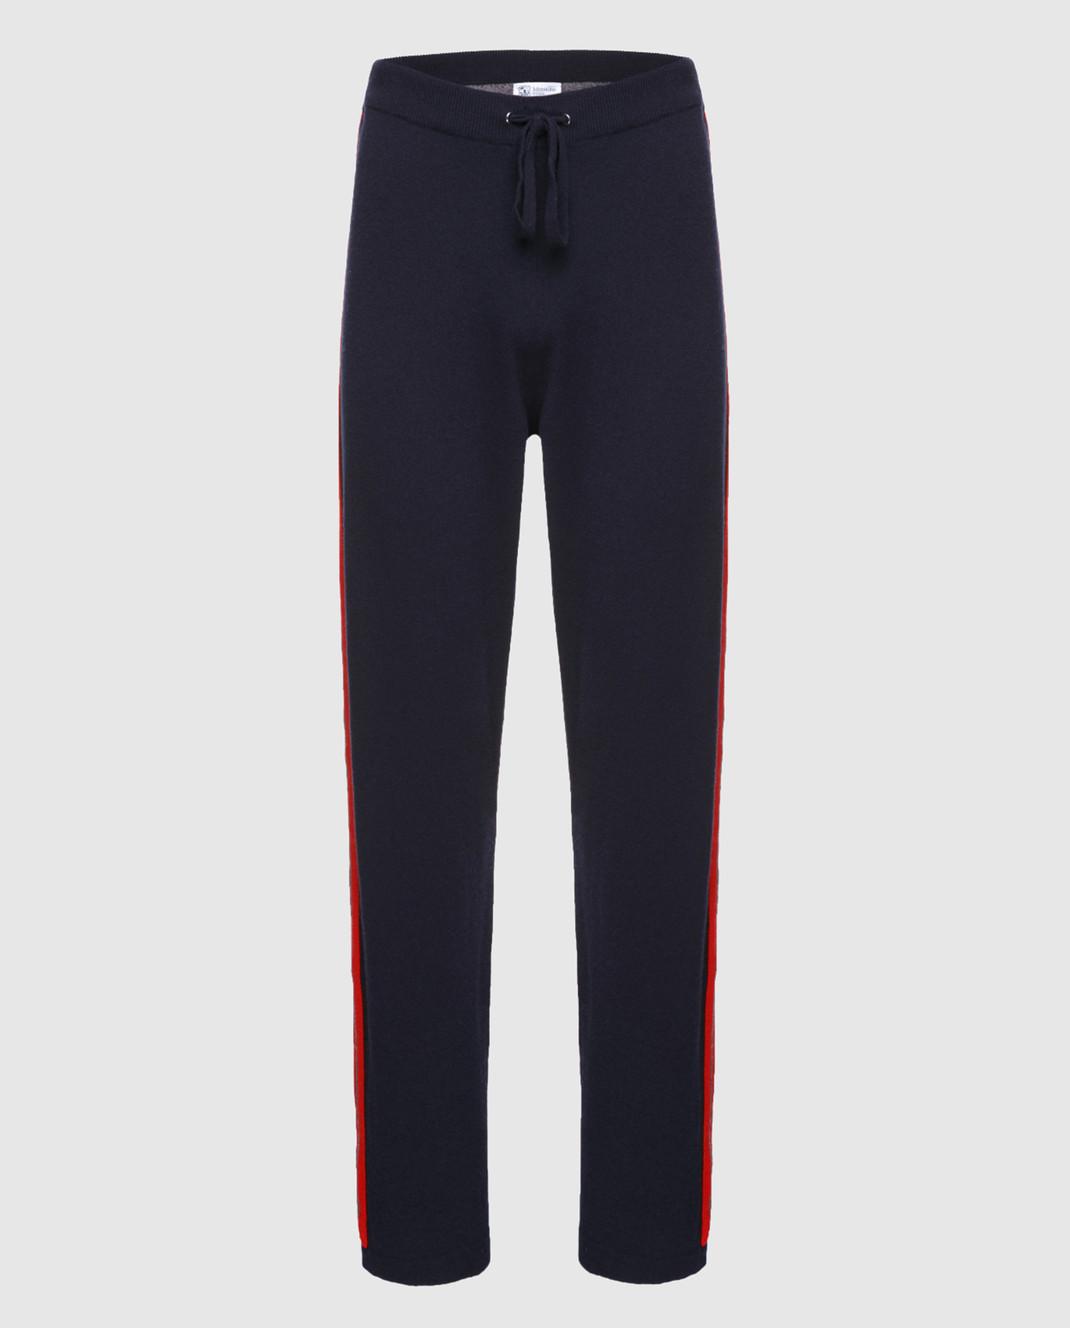 Johnstons Темно-синие брюки из кашемира KAL03898